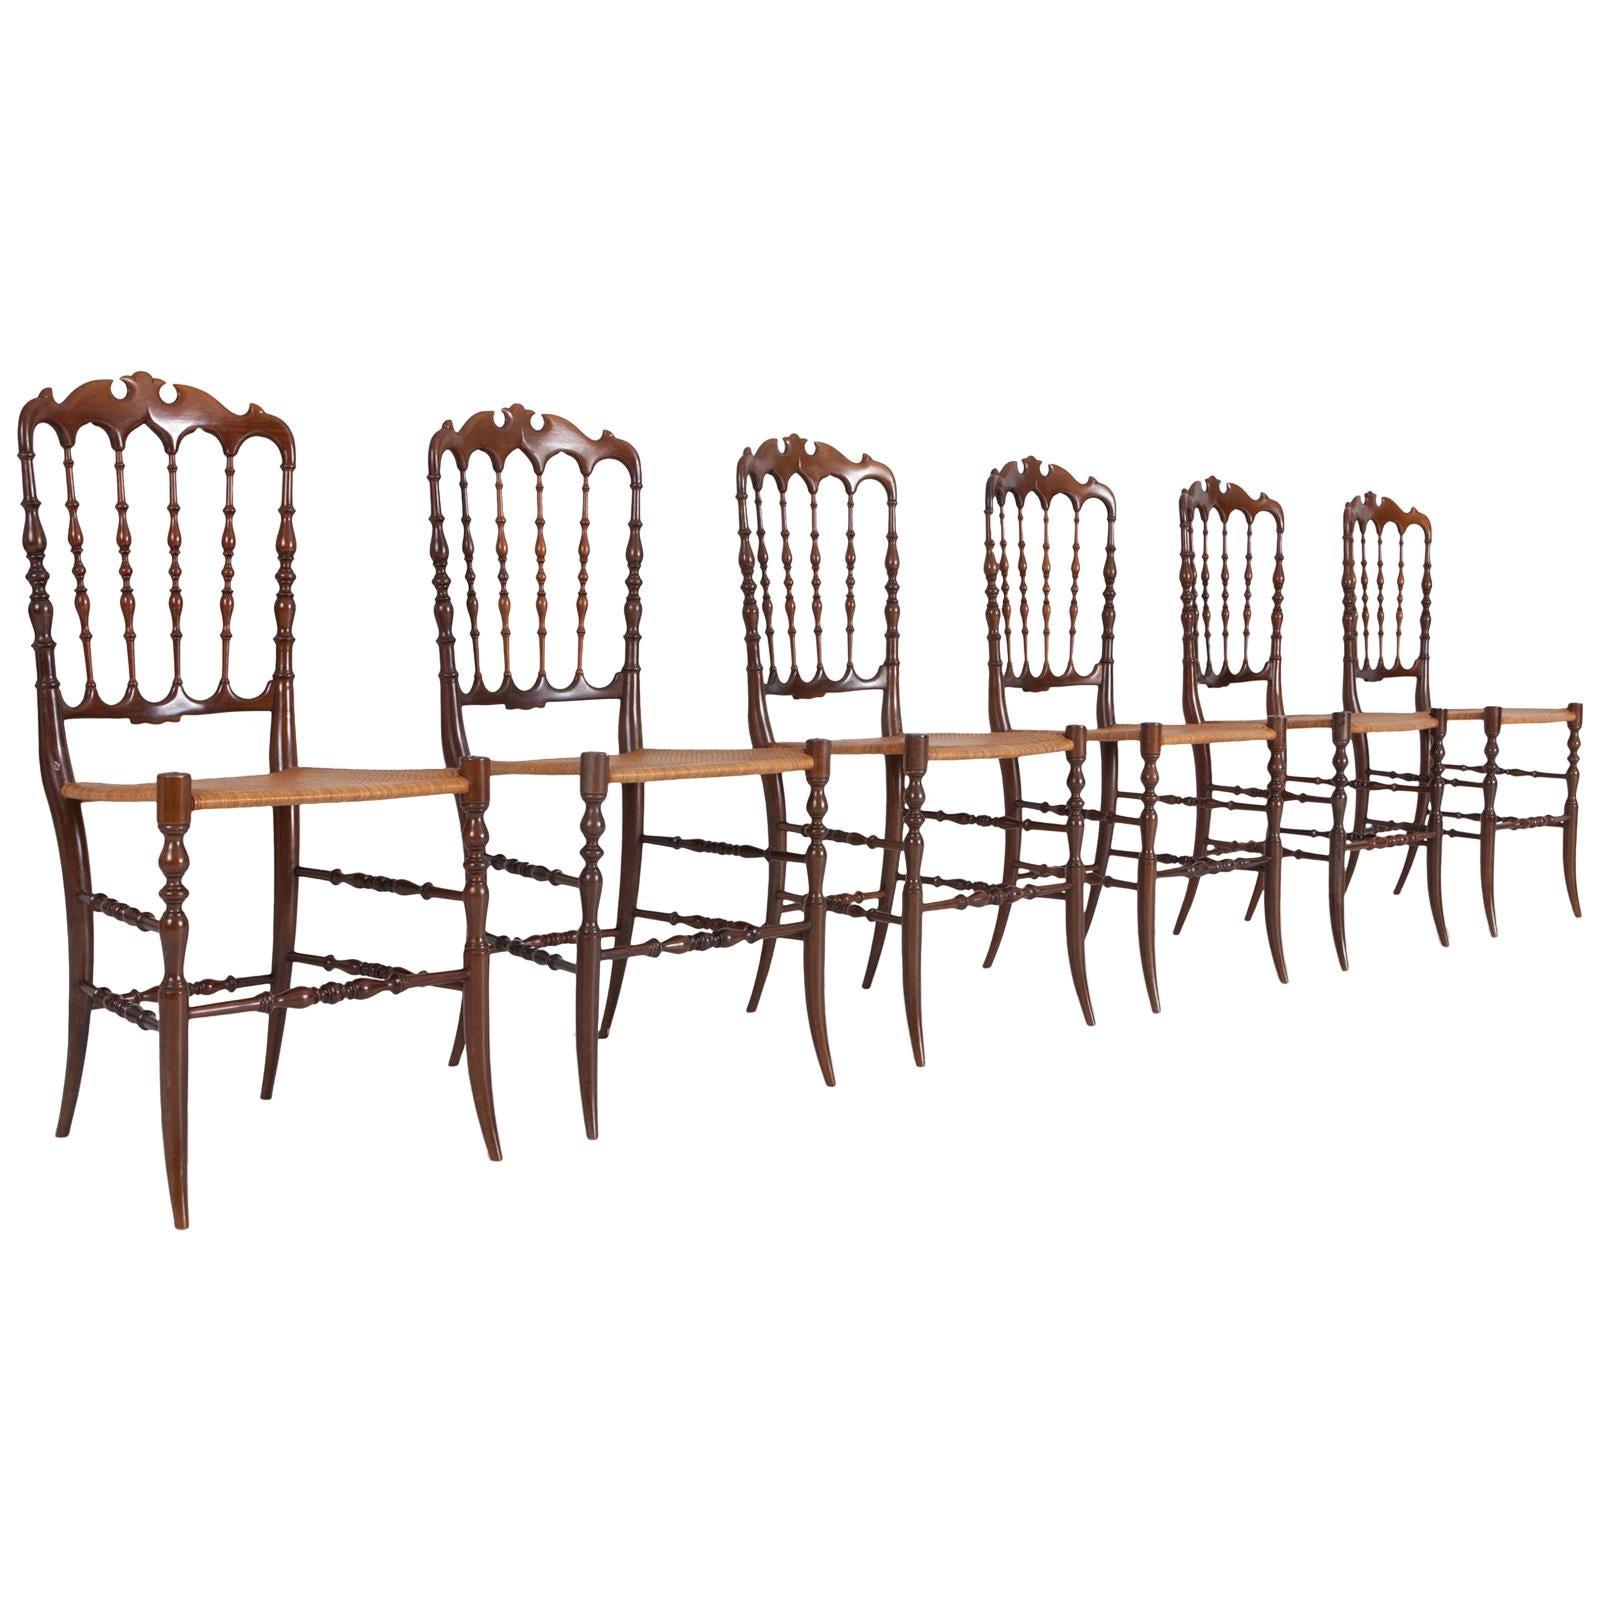 Chiavari Walnut and Wicker Dining Chairs